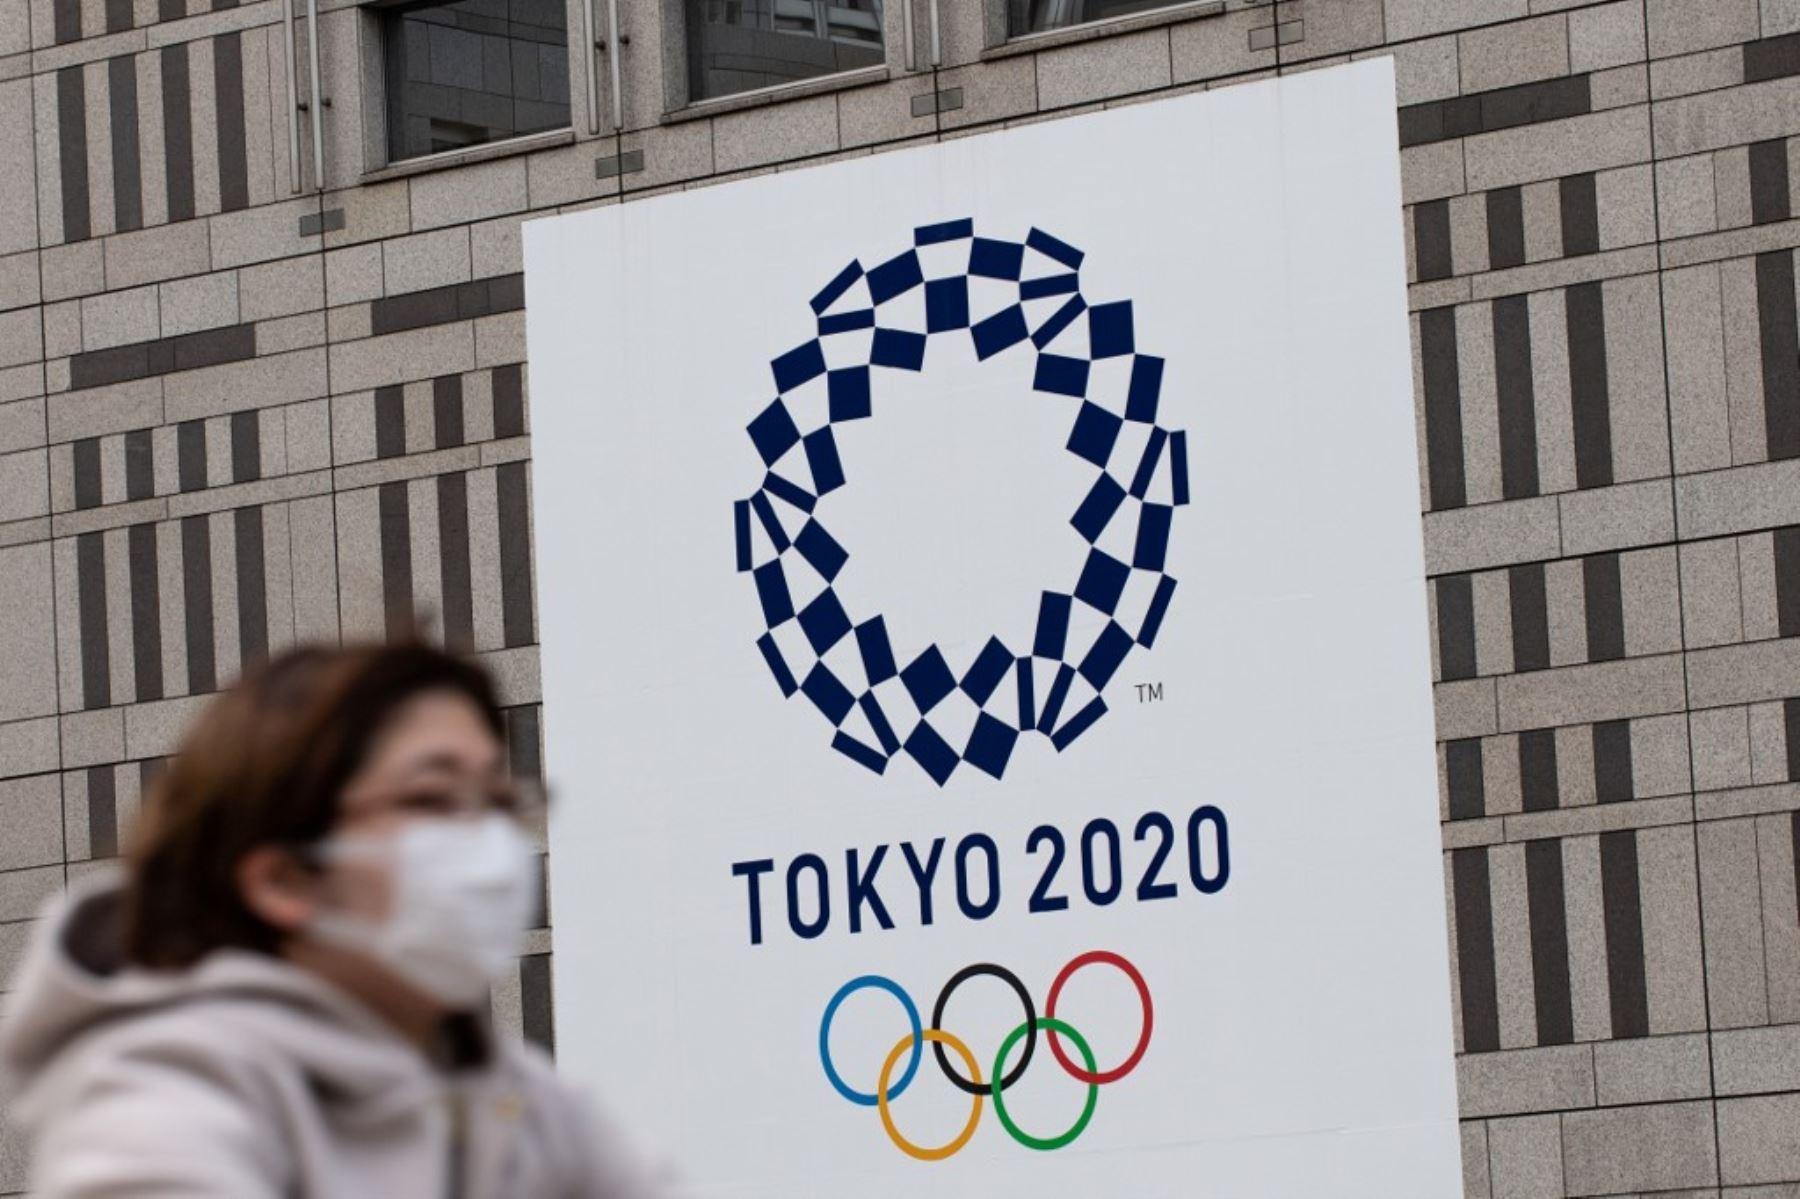 Por primera vez, los Juegos Olímpicos estarán disponibles por completo para canales de ultra alta definición (4K)